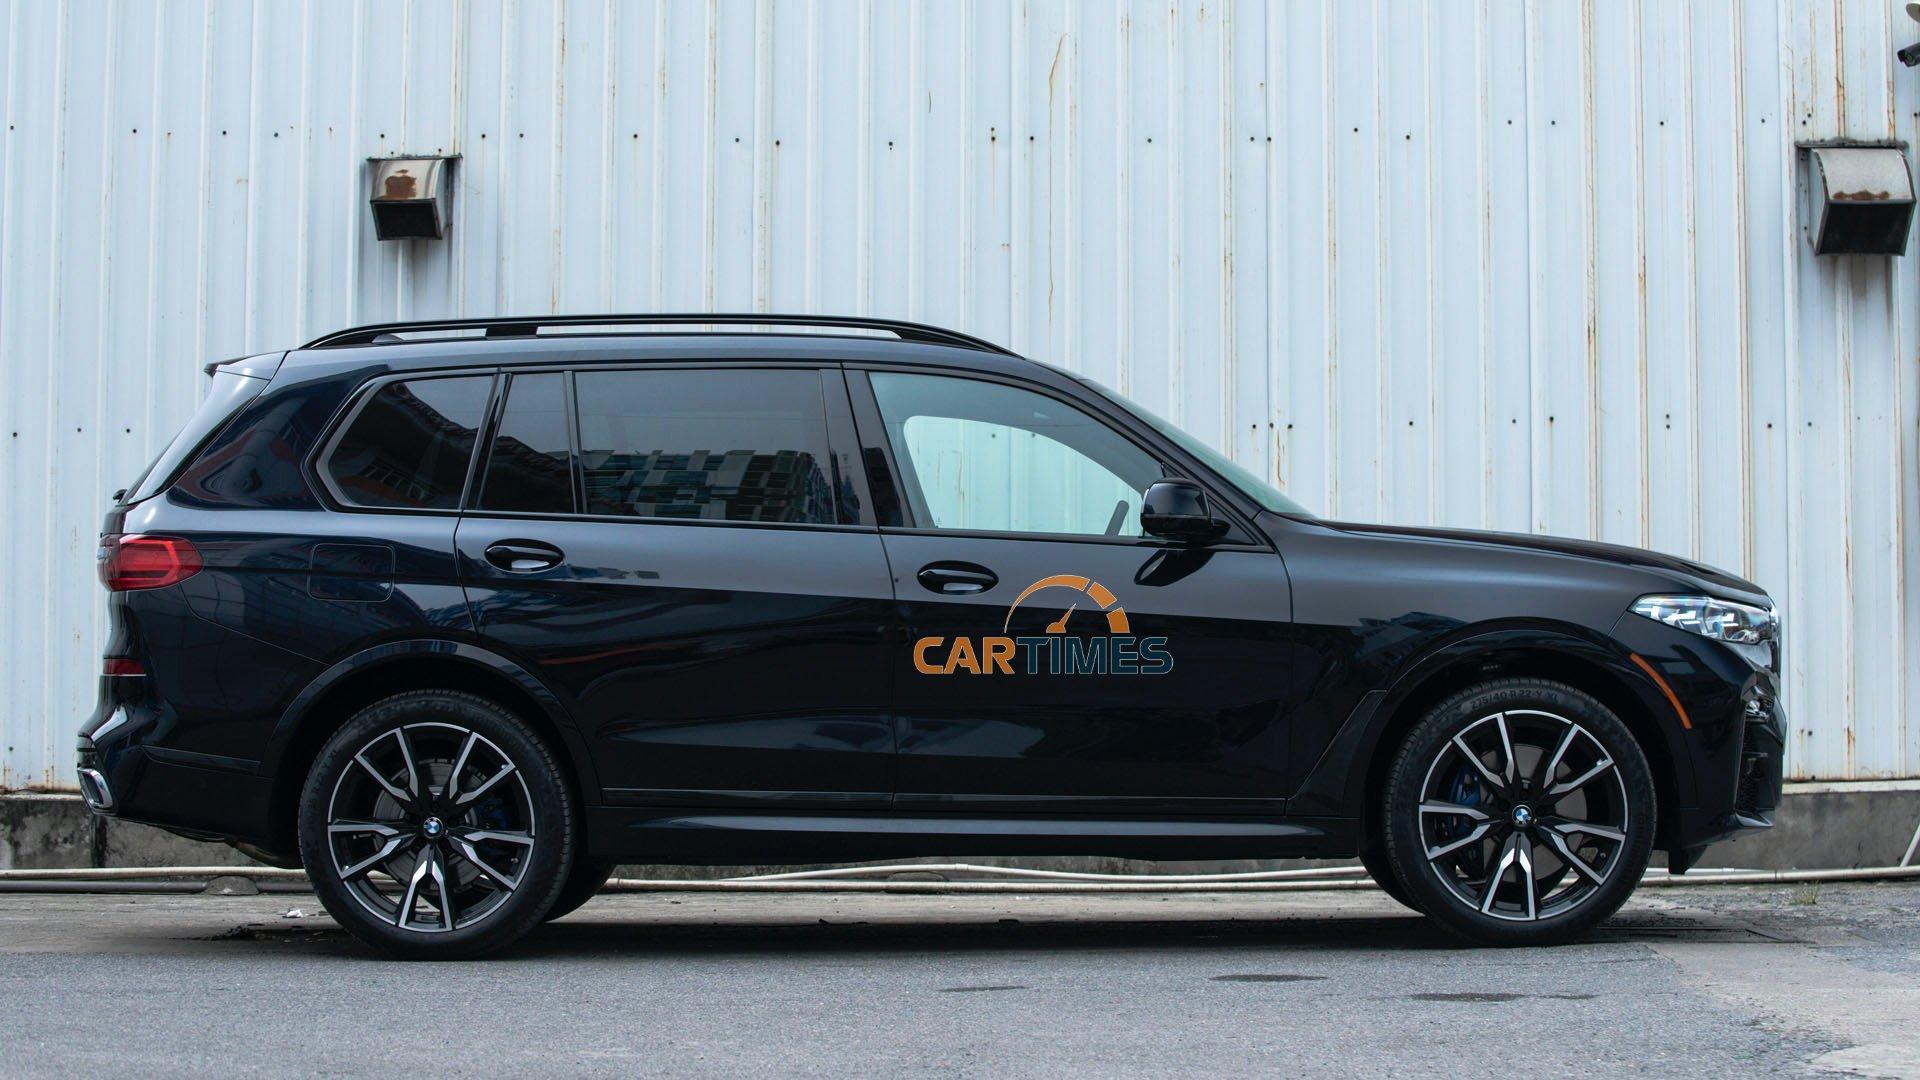 Giá hơn 7 tỷ đồng, BMW X7 thứ 2 về Việt Nam có những trang bị gì? Ảnh 2